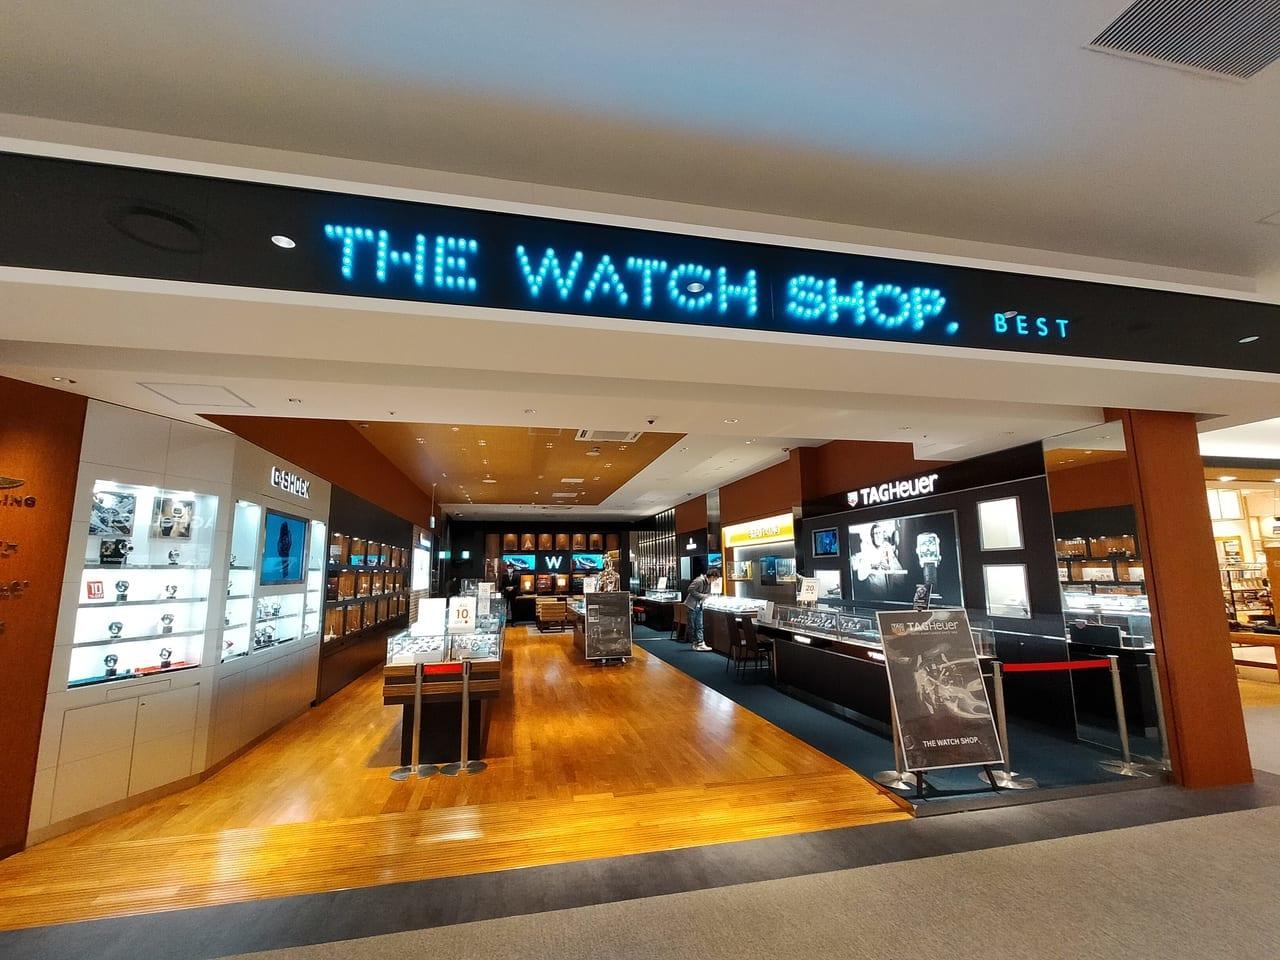 SEIKO、ハミルトン、Gショックなど、一流ブランドの腕時計をカジュアルにセレクトできる「THE WATCH SHOP.ららぽーと湘南平塚」が1月31日(日)の営業を持って閉店します。